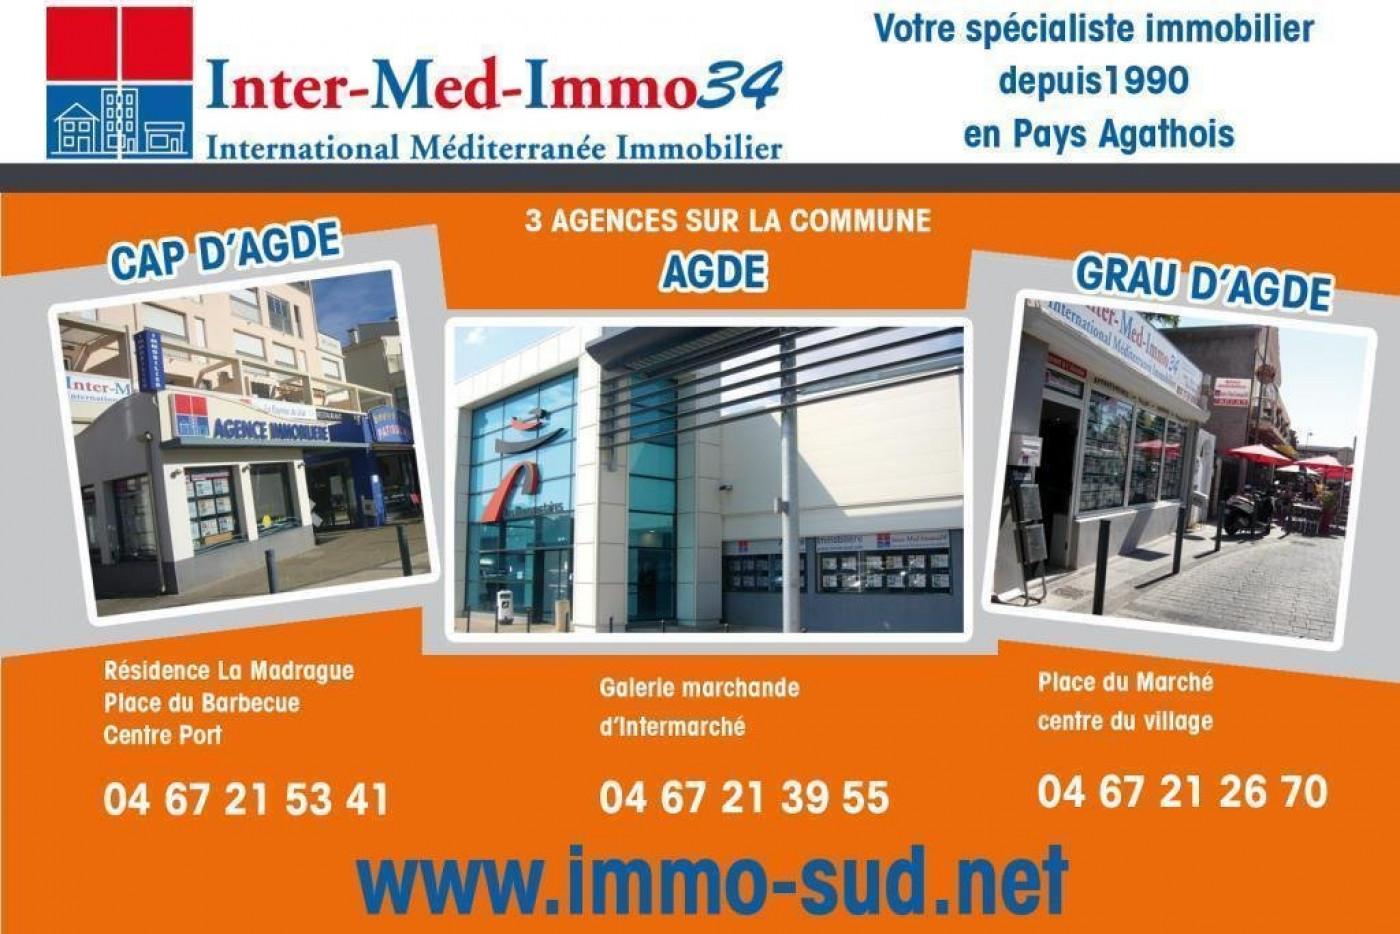 A vendre  Le Cap D'agde | Réf 3458244167 - Inter-med-immo34